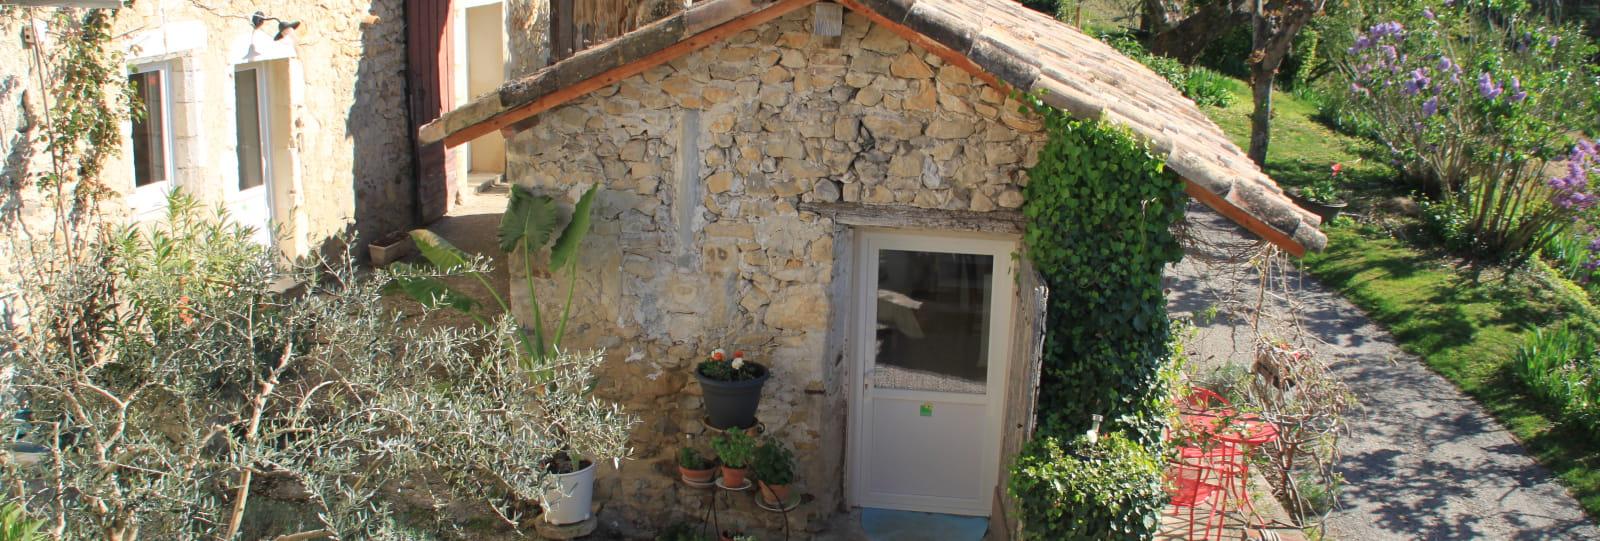 Vergers de la Bouligaire- Chez Elise et Gabriel